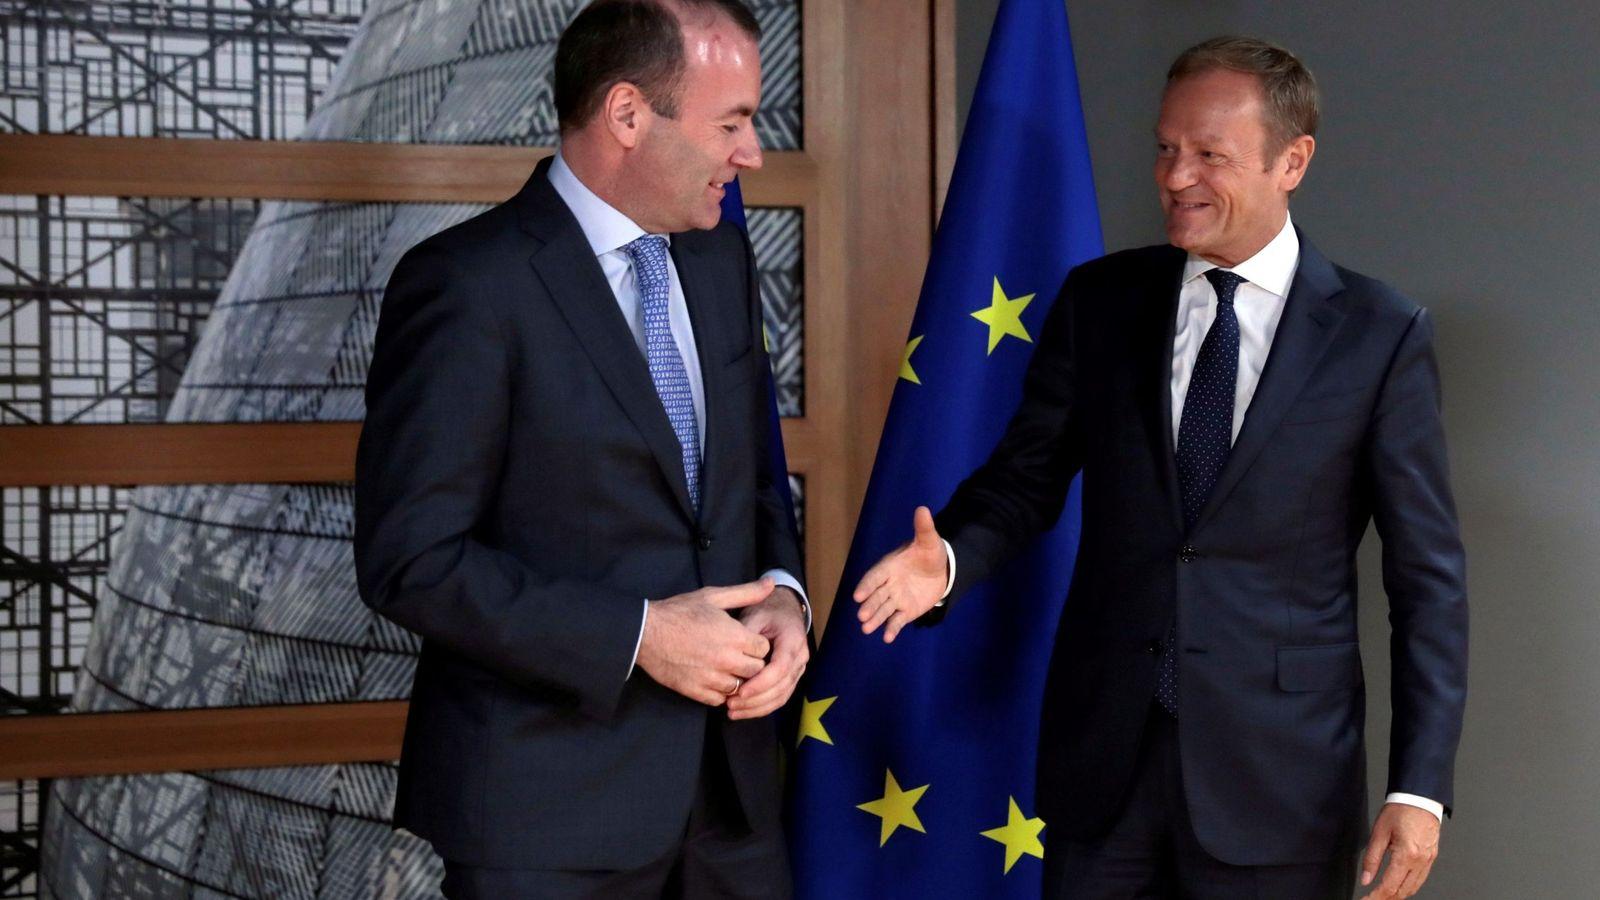 Foto: El presidente del Consejo se reúne con el candidato del PPE. (EFE)